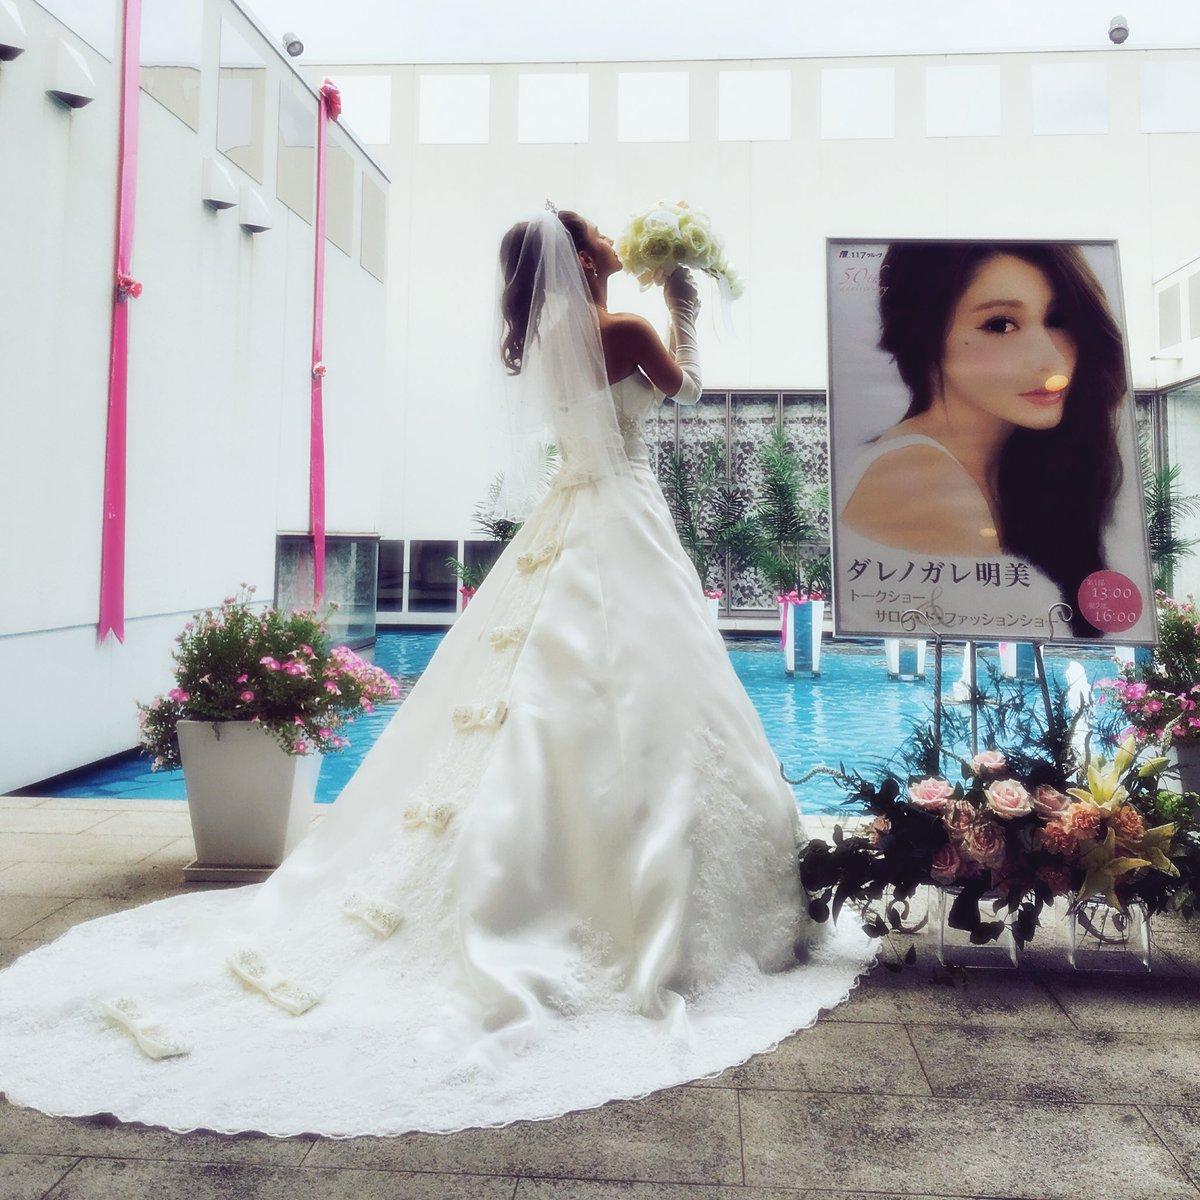 兵庫県加古川市にある、ミル・アンジュさんで素敵なウェディングドレスを着ました✨ トークショーもしまし…